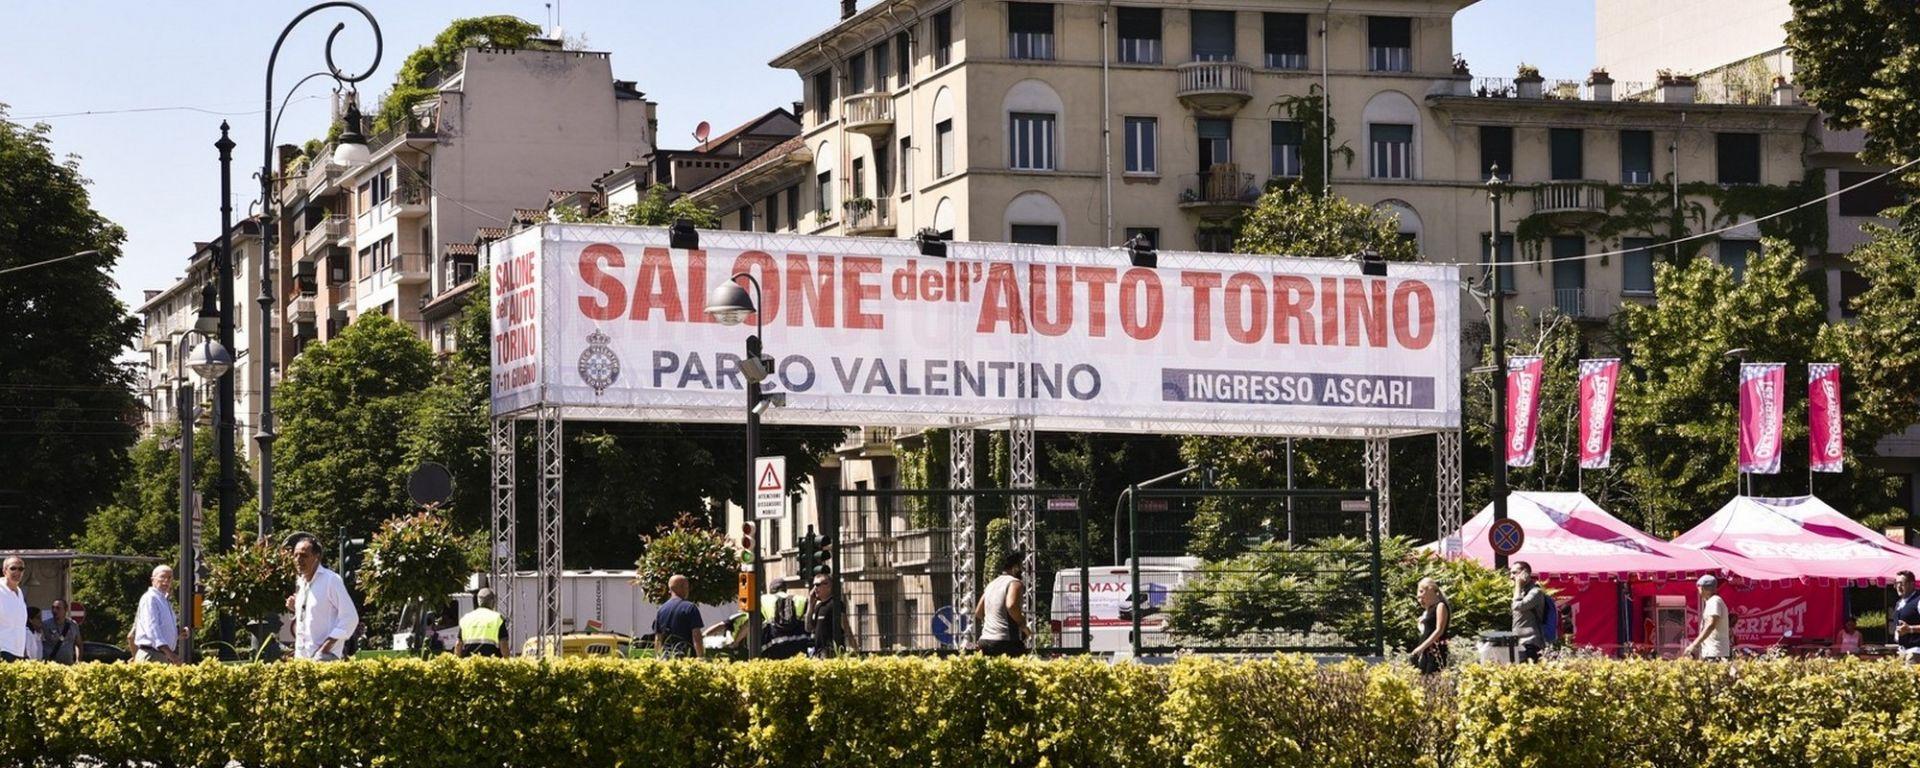 10 novità del Parco Valentino che non trovate (ancora) in concessionaria